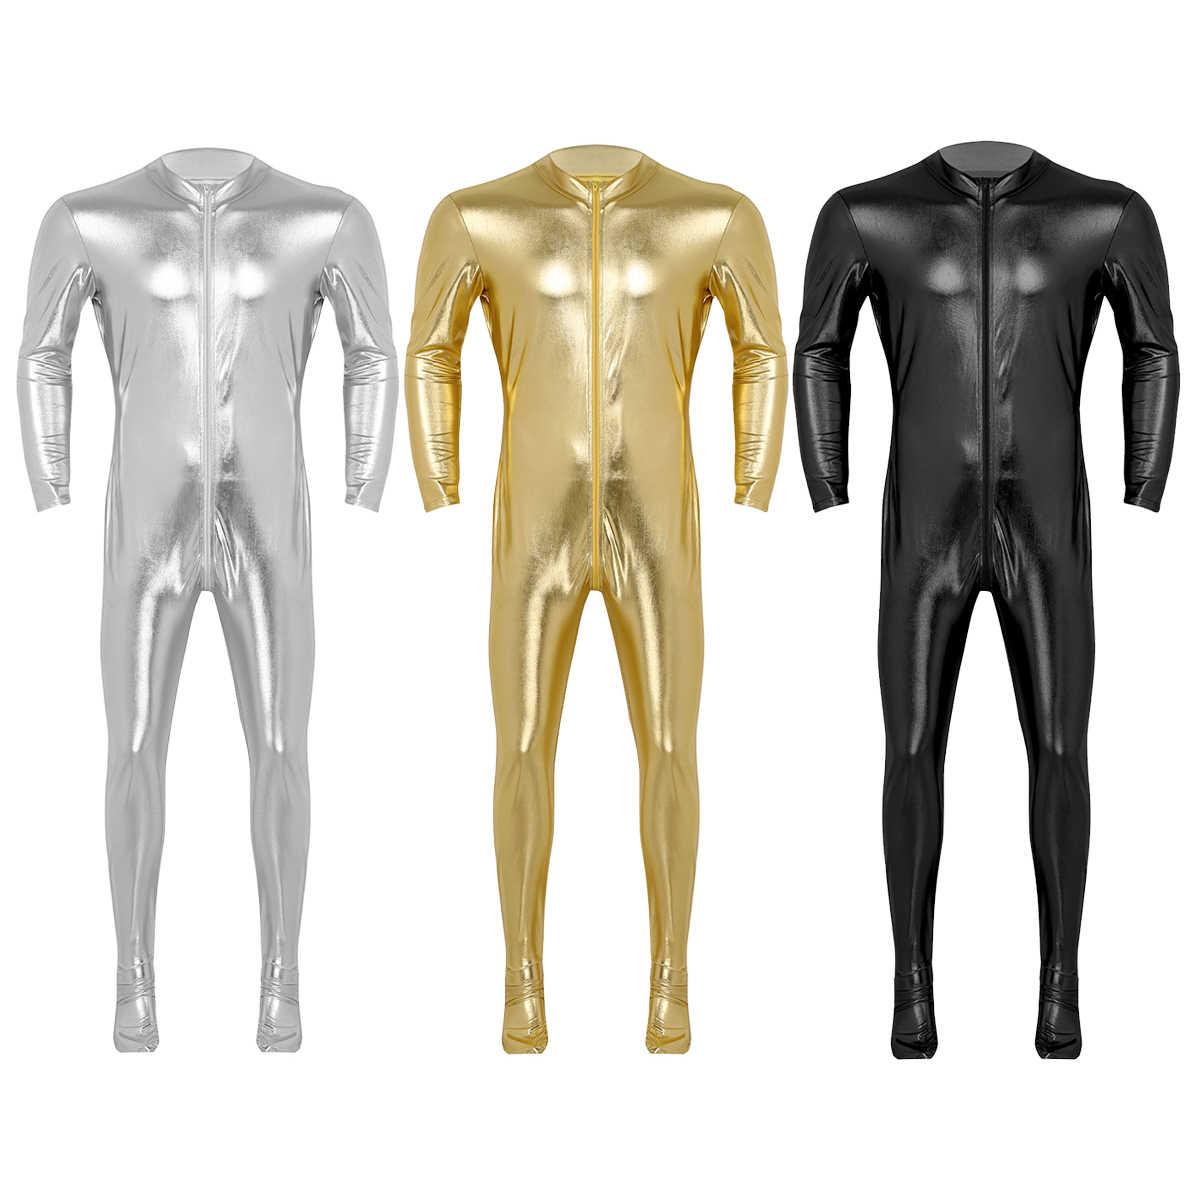 Heren Unitard Halloween Full Body Zentai Goud Glanzend Metallic Spandex Betaalde Skinny Strakke Jumpsuits Gay mannelijke Cosplay Kostuums